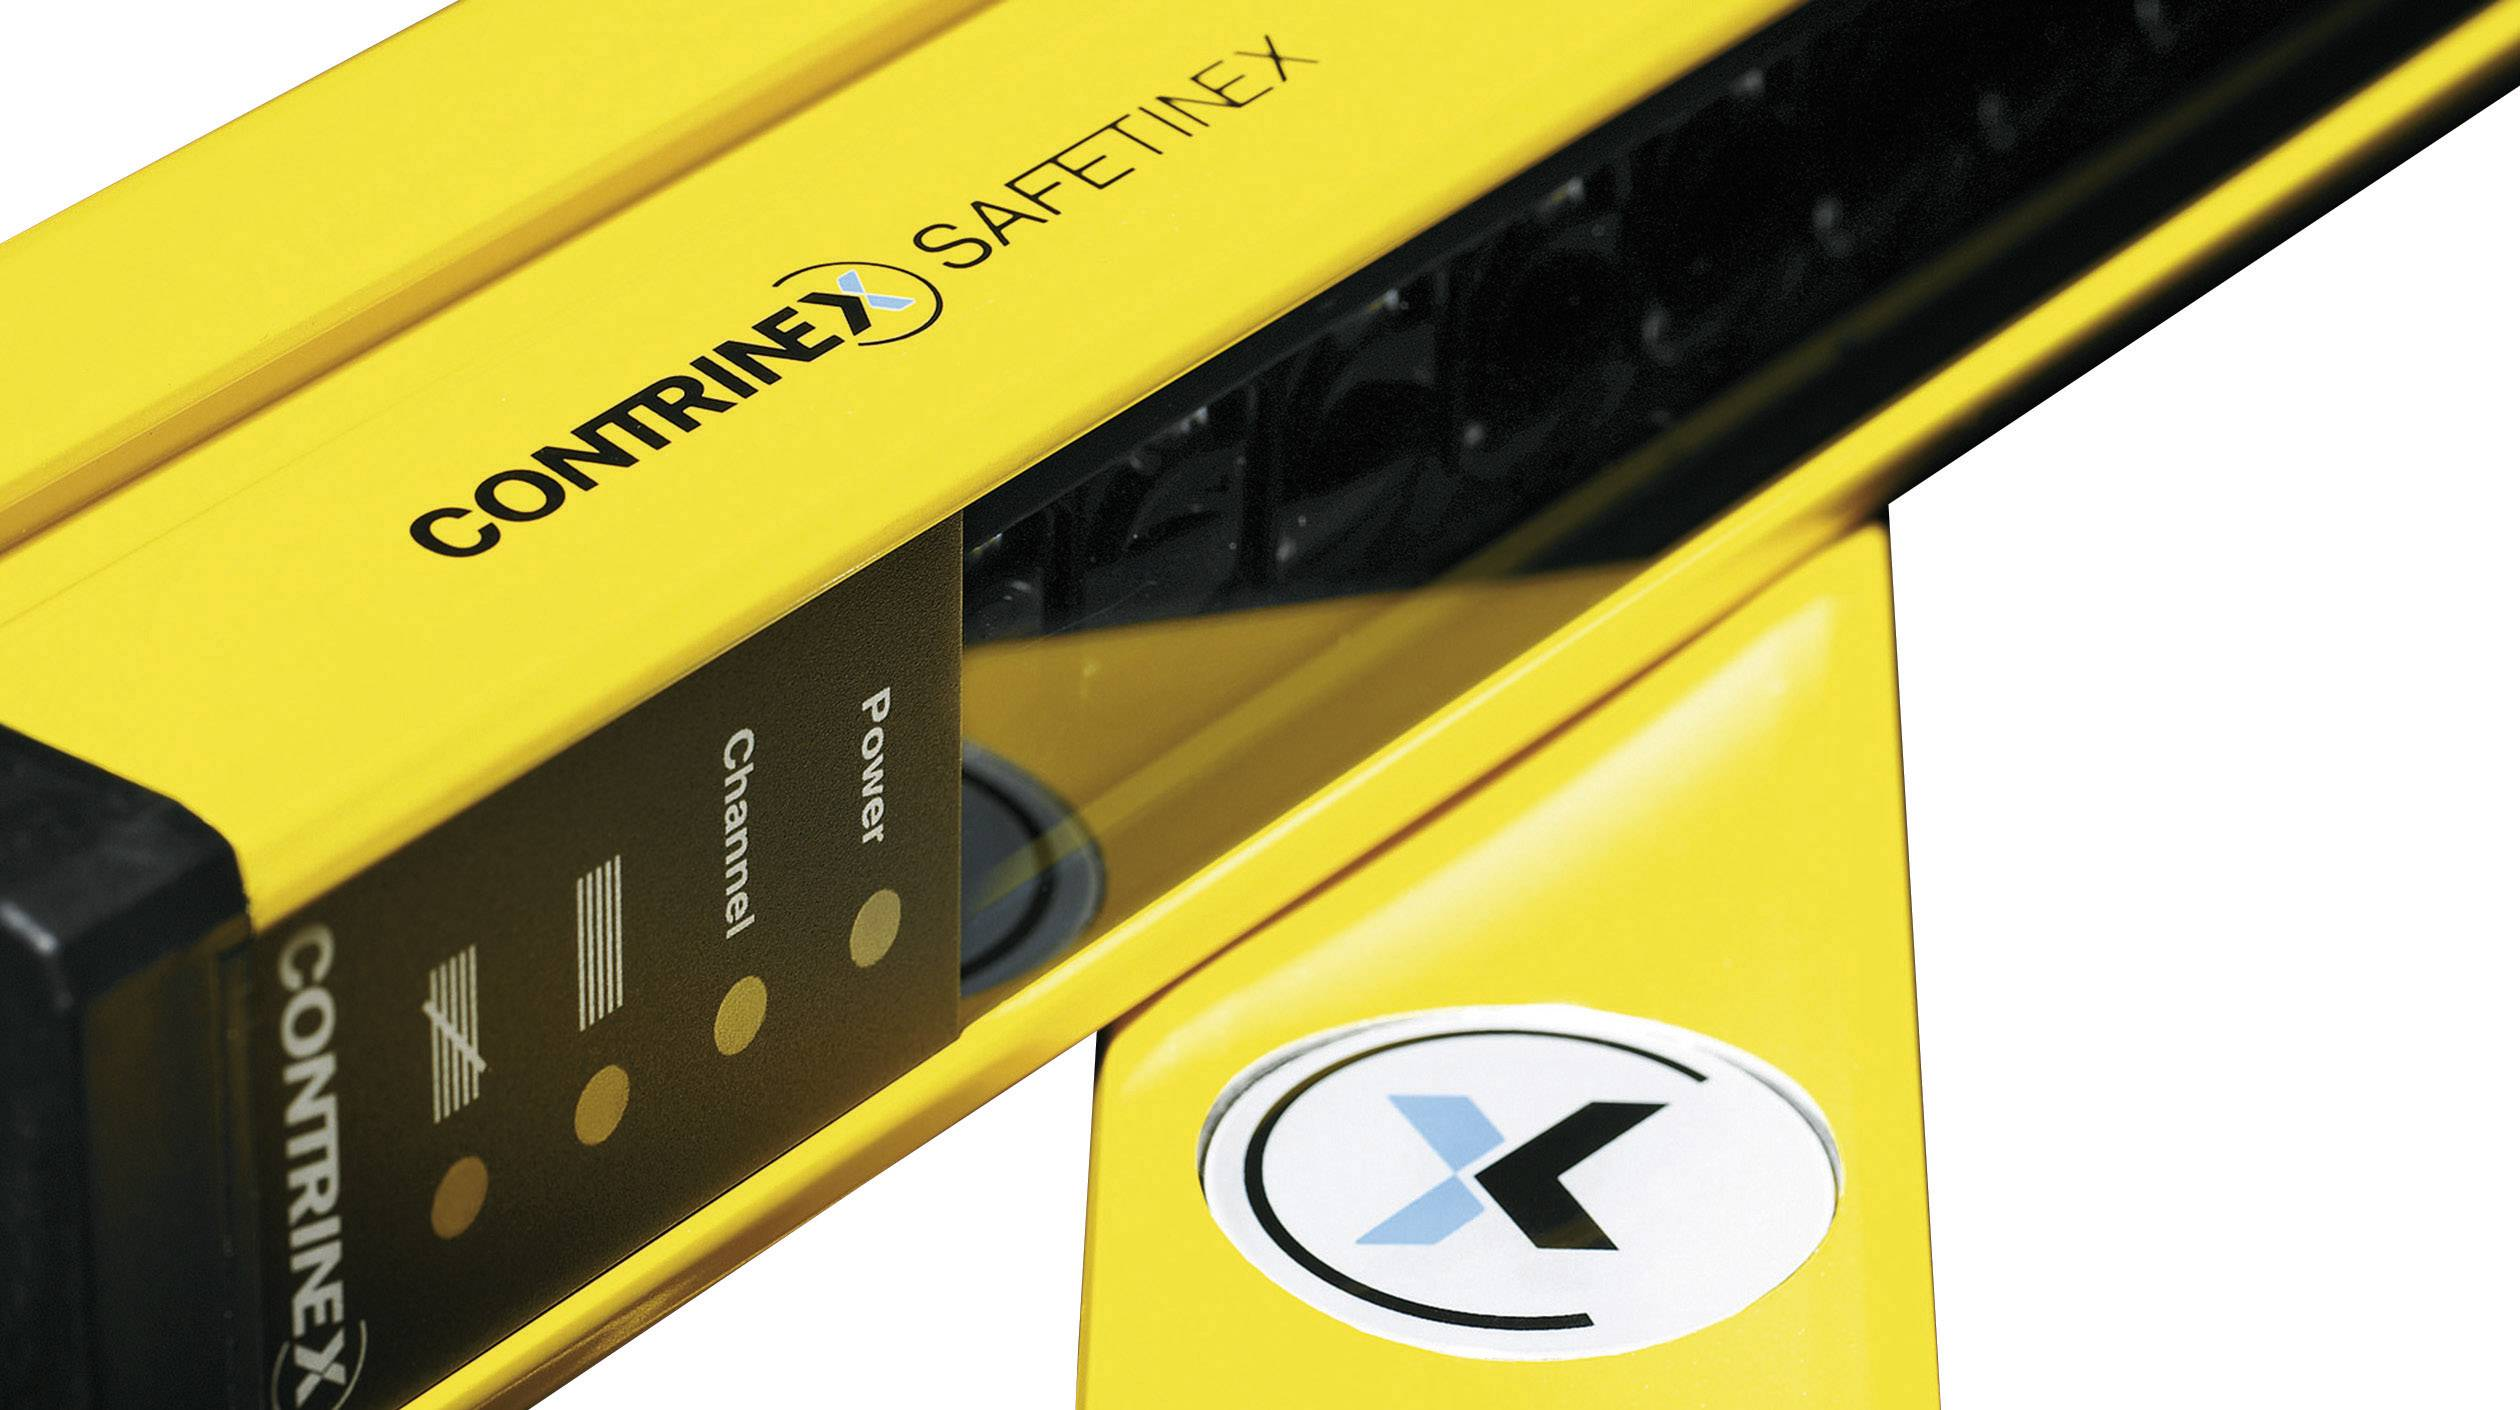 Bezpečnostní světelná závora pro ochranu prstů Contrinex YBB-14R4-0150-G012 630 000 106